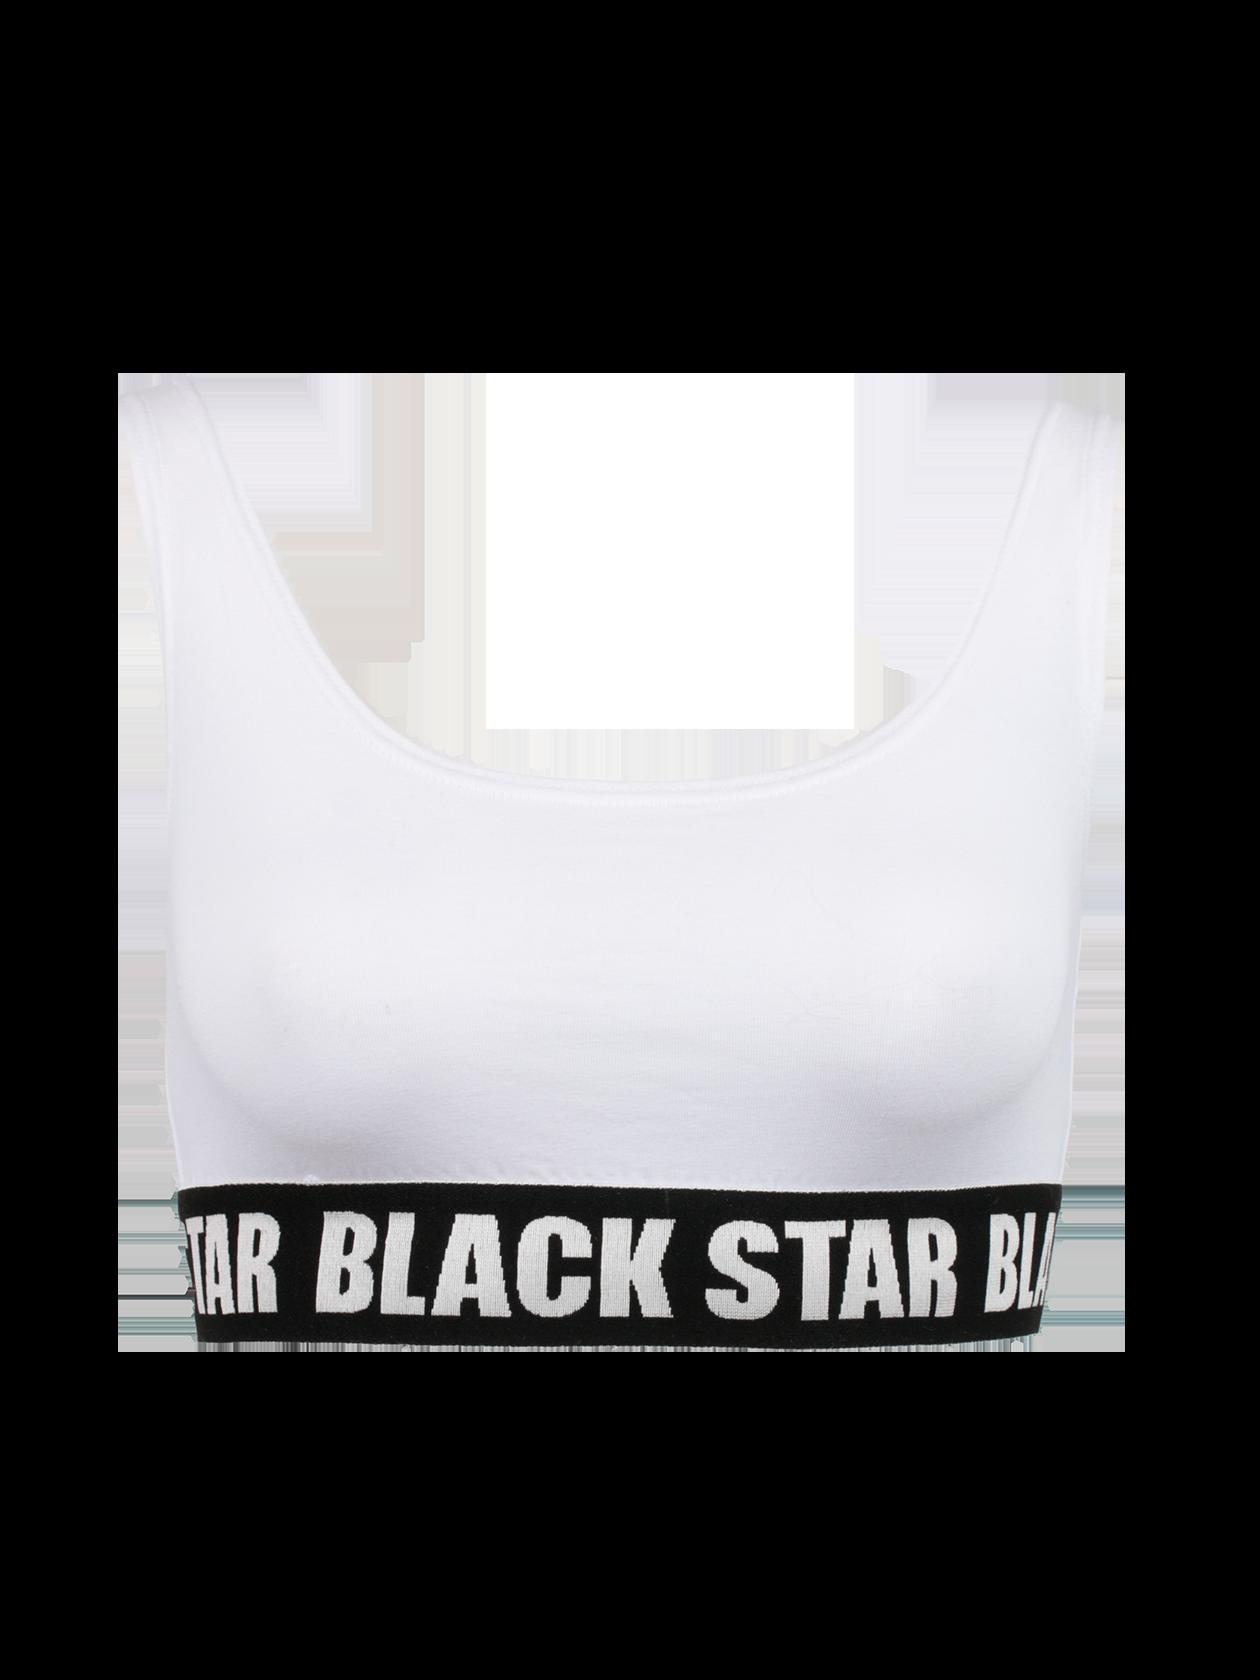 Топ женский ORIGINAL BSТоп женский Original BS – неотъемлемый элемент повседневного гардероба. Модель классической укороченной формы с облегающим силуэтом. Горловина с глубоким вырезом на спине и спереди. Нижний край топа дополнен фиксирующей черной резинкой с белой надписью Black Star. Изделие отличается высокой практичностью, выдерживает многочисленные стирки и не теряет привлекательный вид. Идеальное решение для отдыха, спорта и дома. В наличии четыре цвета – белый, серый, красный и черный.<br><br>Размер: XS<br>Цвет: Белый<br>Пол: Женский